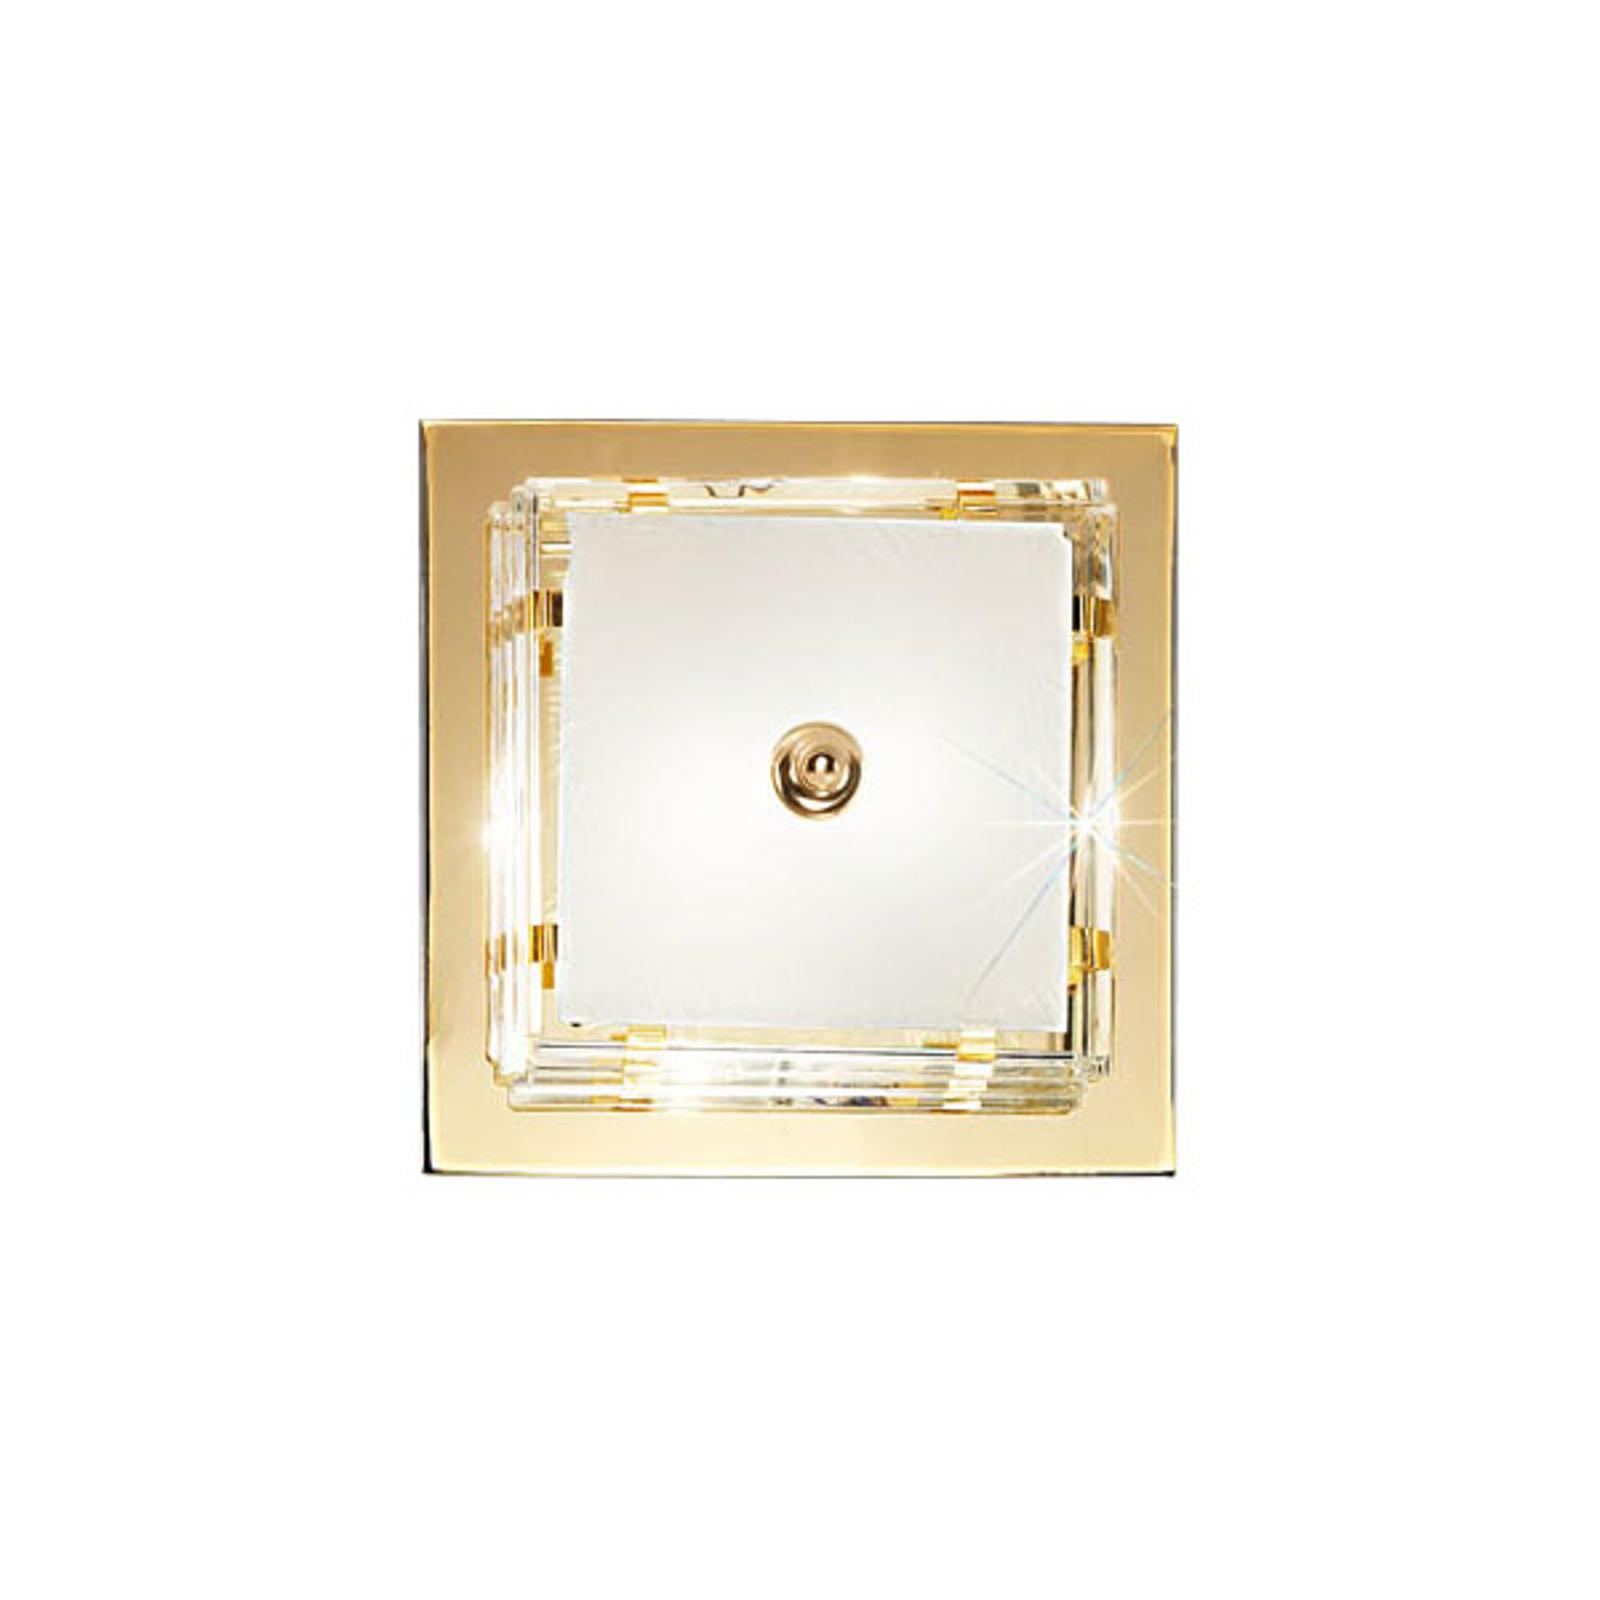 Lampa sufitowa Ontario, 39 x 39 cm, złota